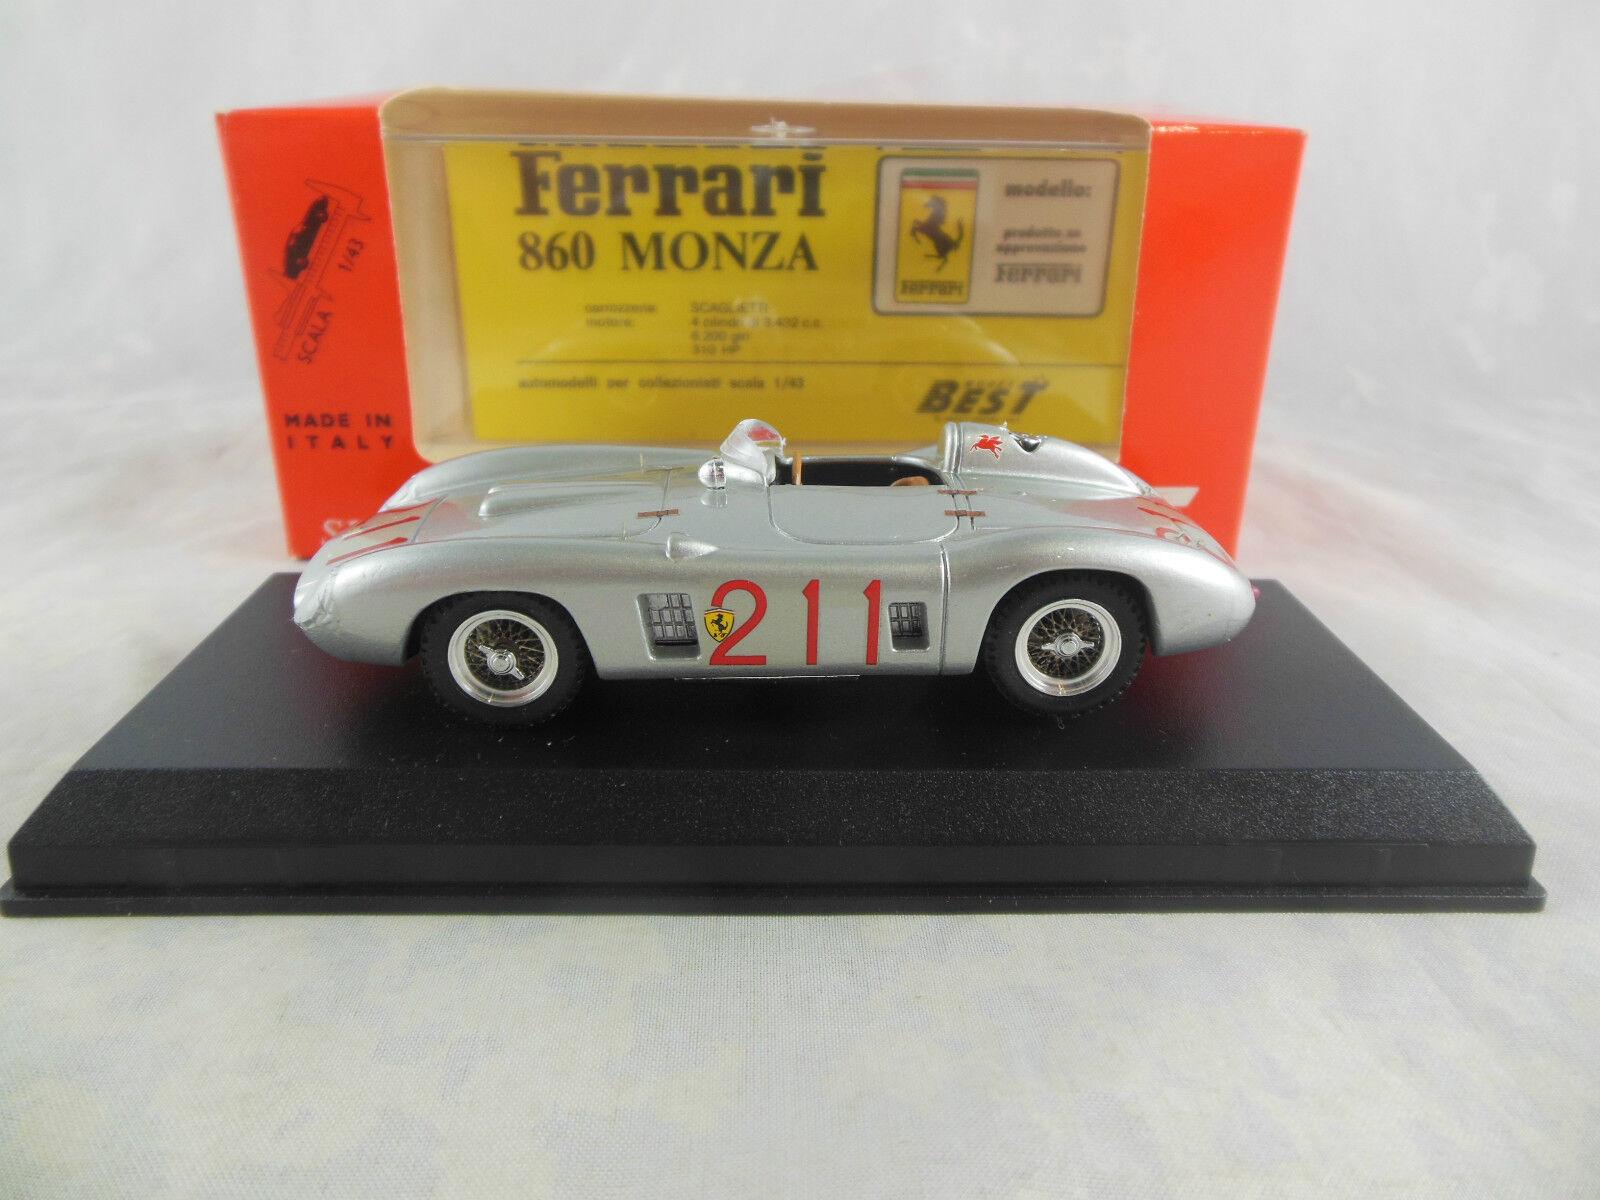 Best Model 9134 Ferrari 860 Monza in Red 1958 Riverside Racing No 211 Ginter